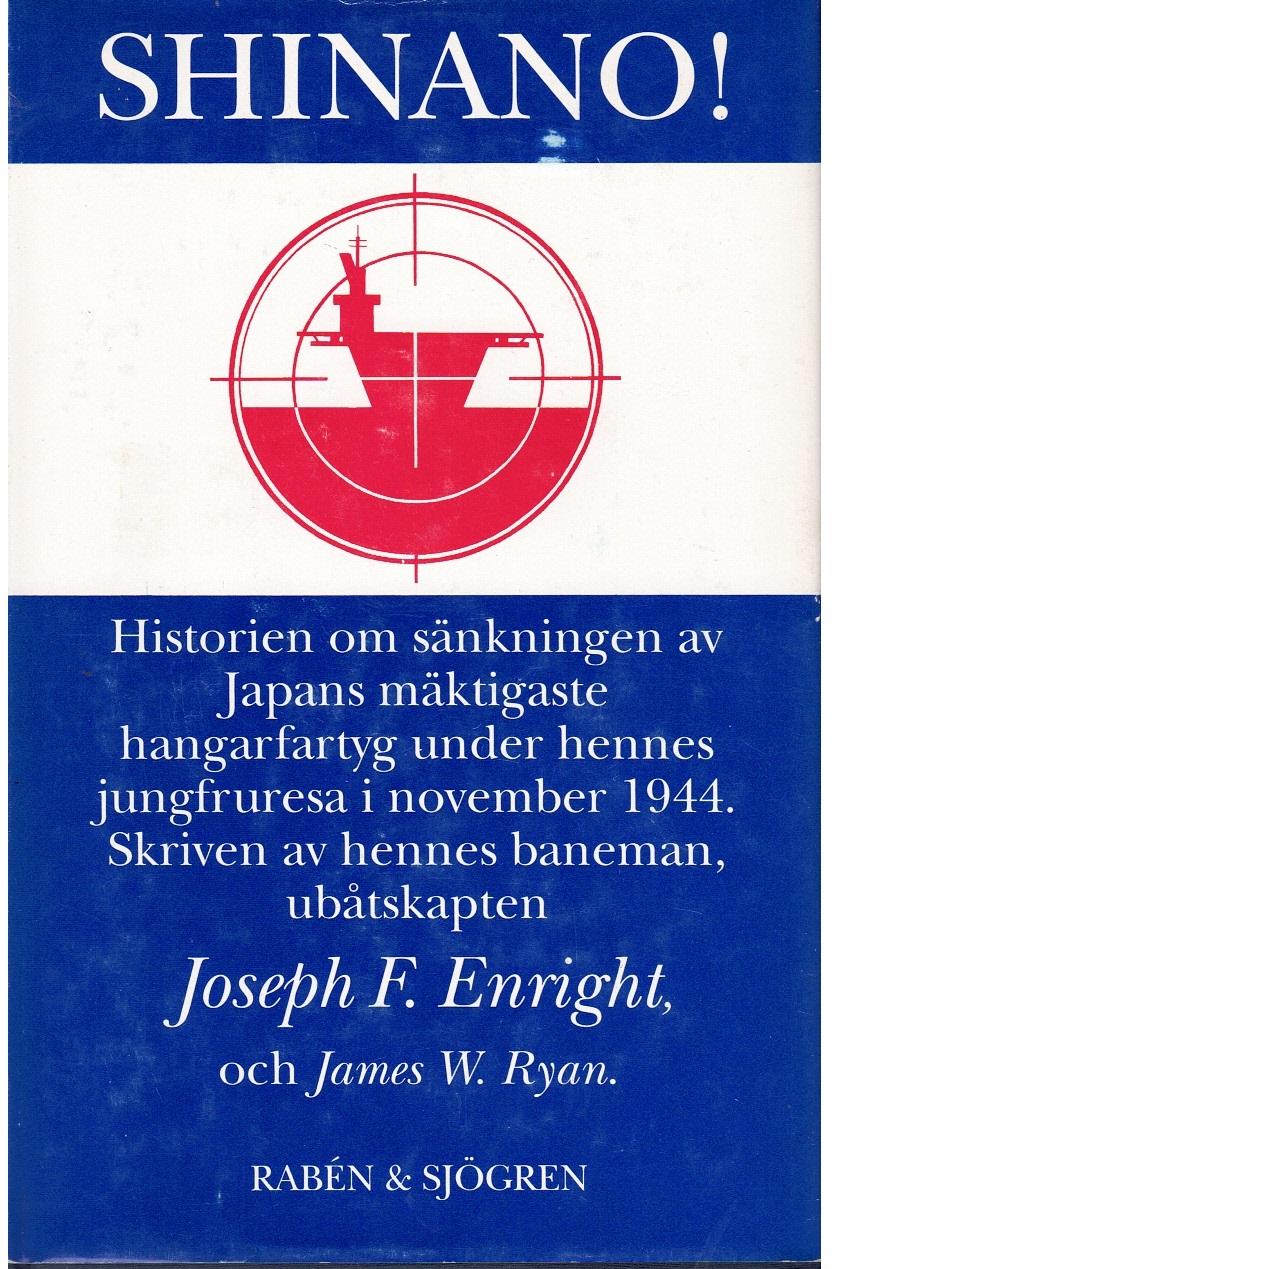 Shinano! : historien om sänkningen av Japans mäktigaste hangarfartyg under hennes jungfruresa i november 1944 - Enright, Joseph F och Ryan, James W